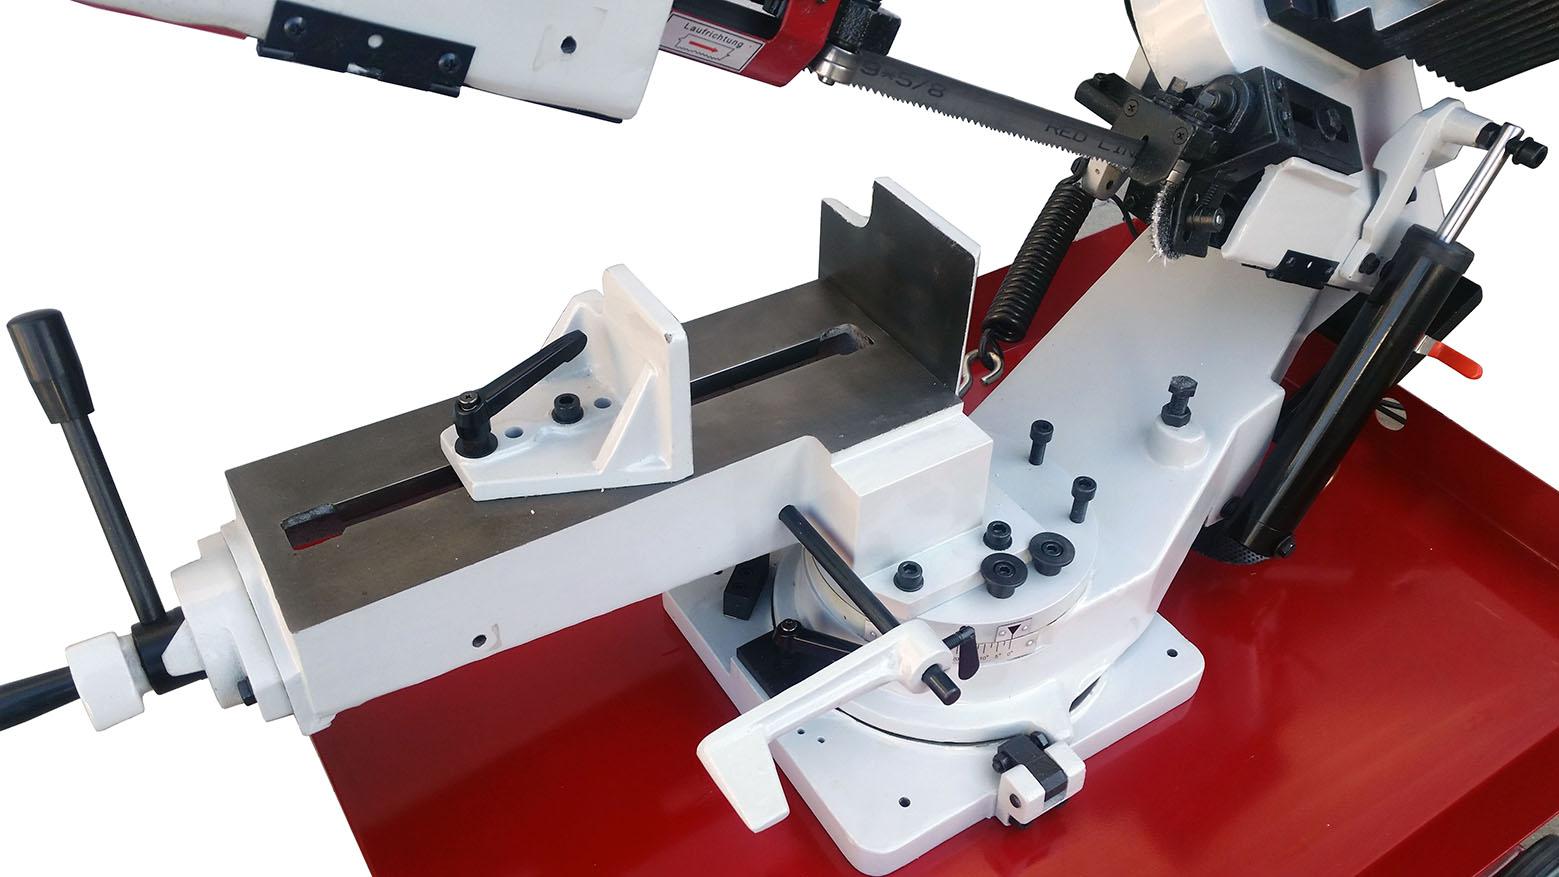 Kühlmitteleinrichtung PAULIMOT Metallbandsäge BS-712GR auf Untergestell inkl